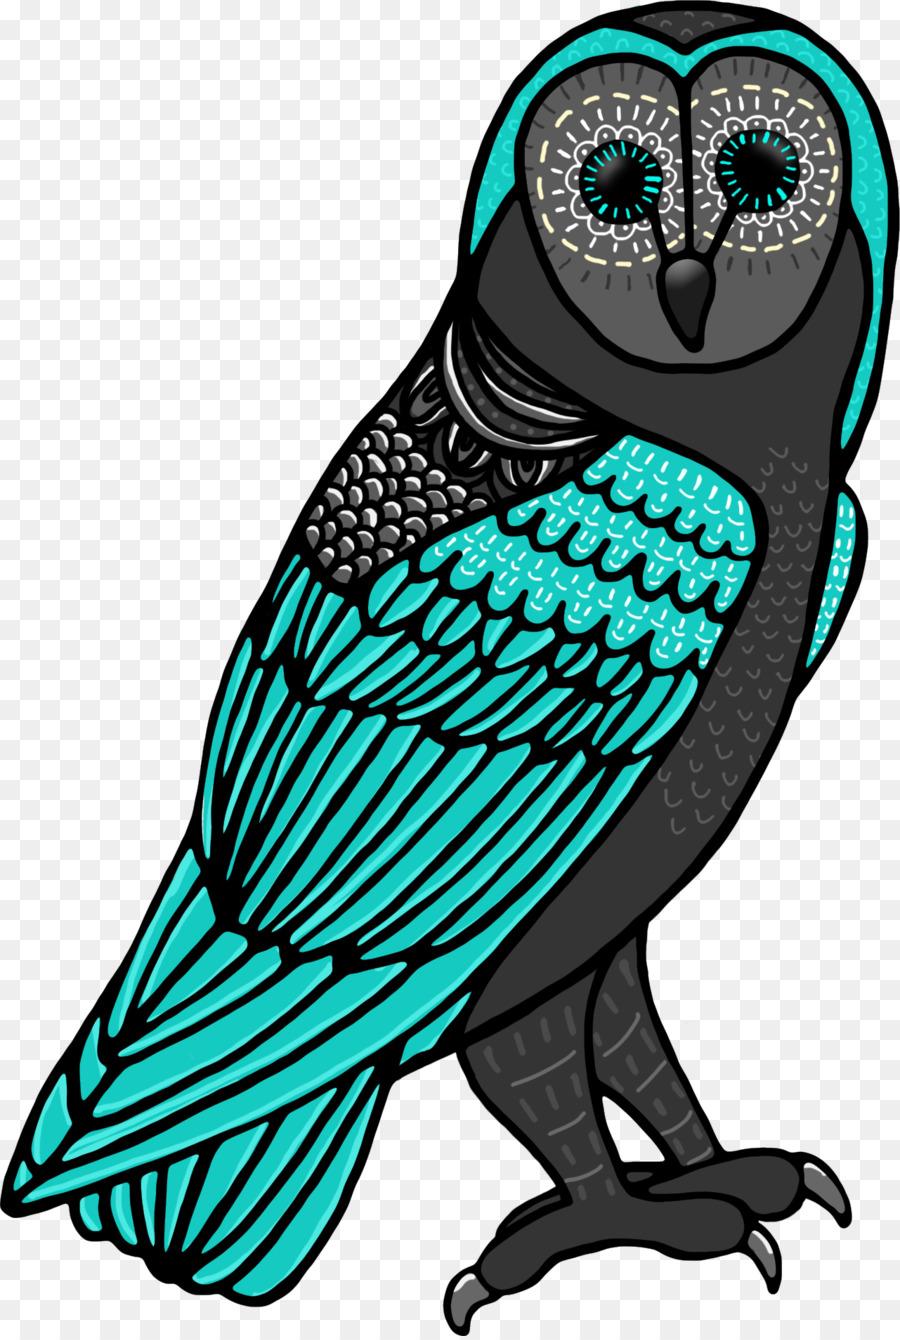 Descarga gratuita de Aves, Pico, Maestro Imágen de Png